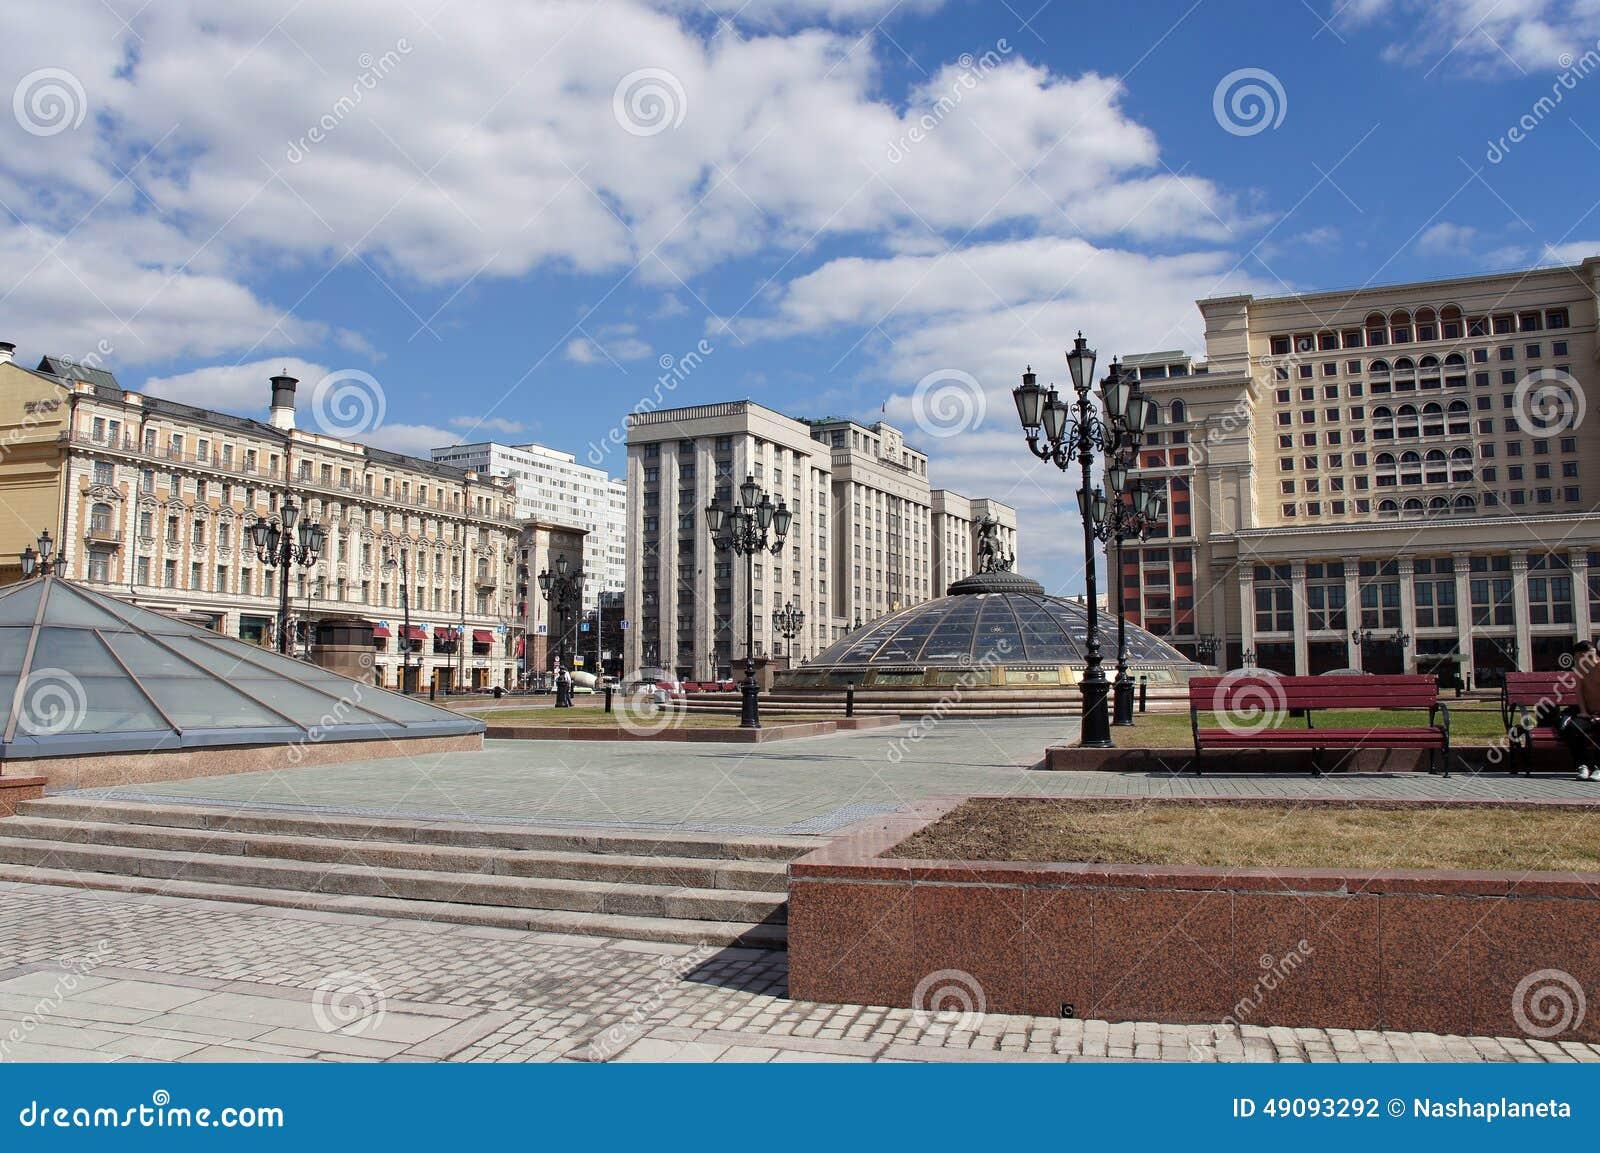 Άποψη στο ρωσικό Κοινοβούλιο και Okhotny Ryad στη Μόσχα